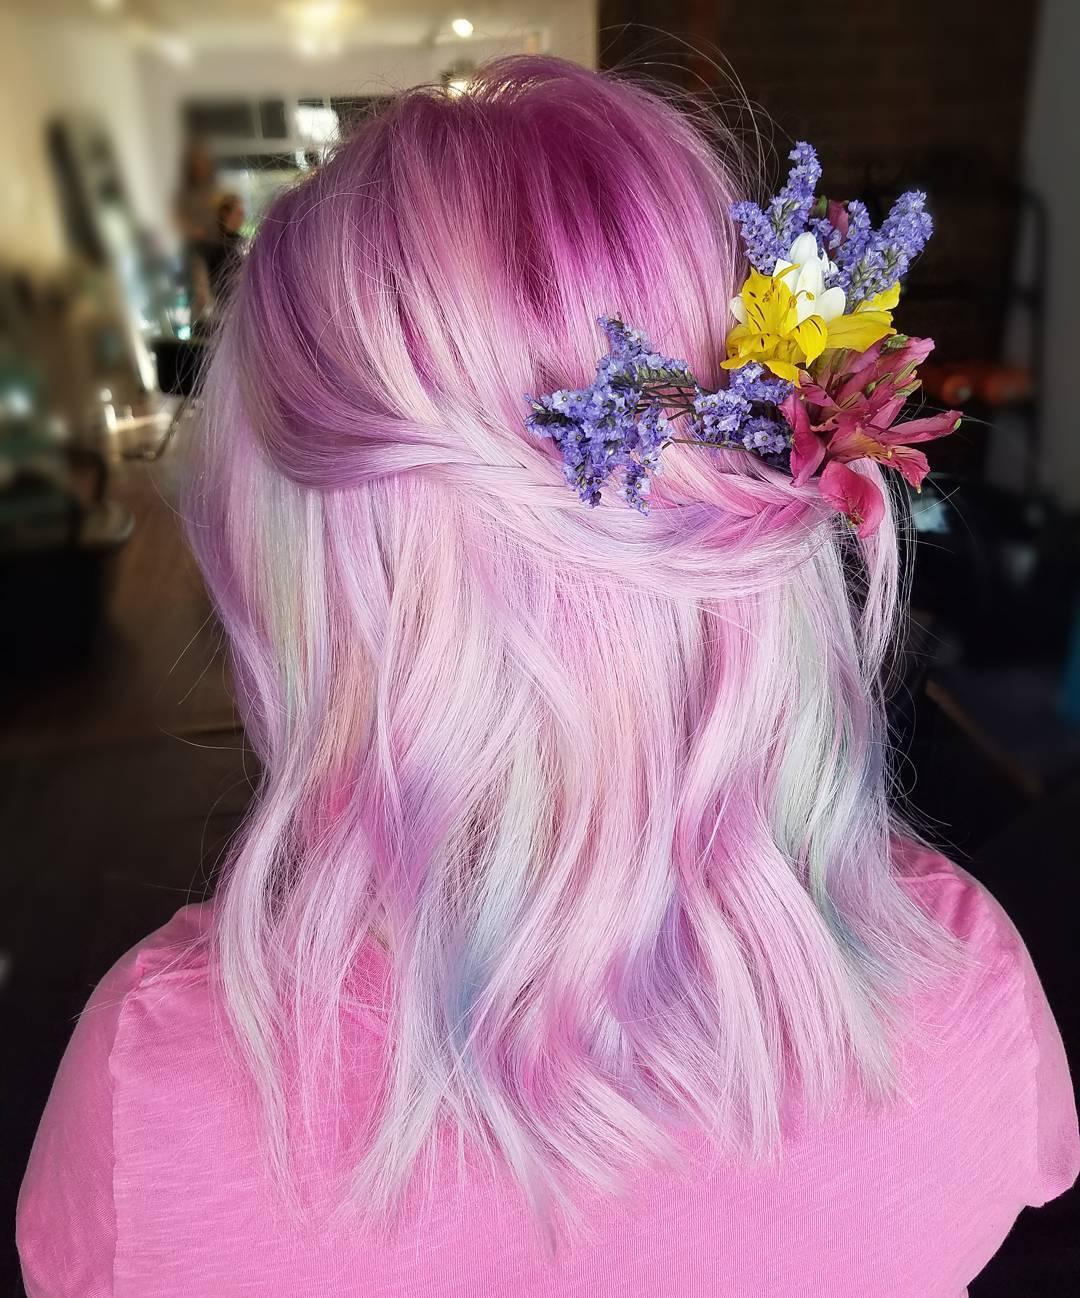 růžové vlasy jemné bledé